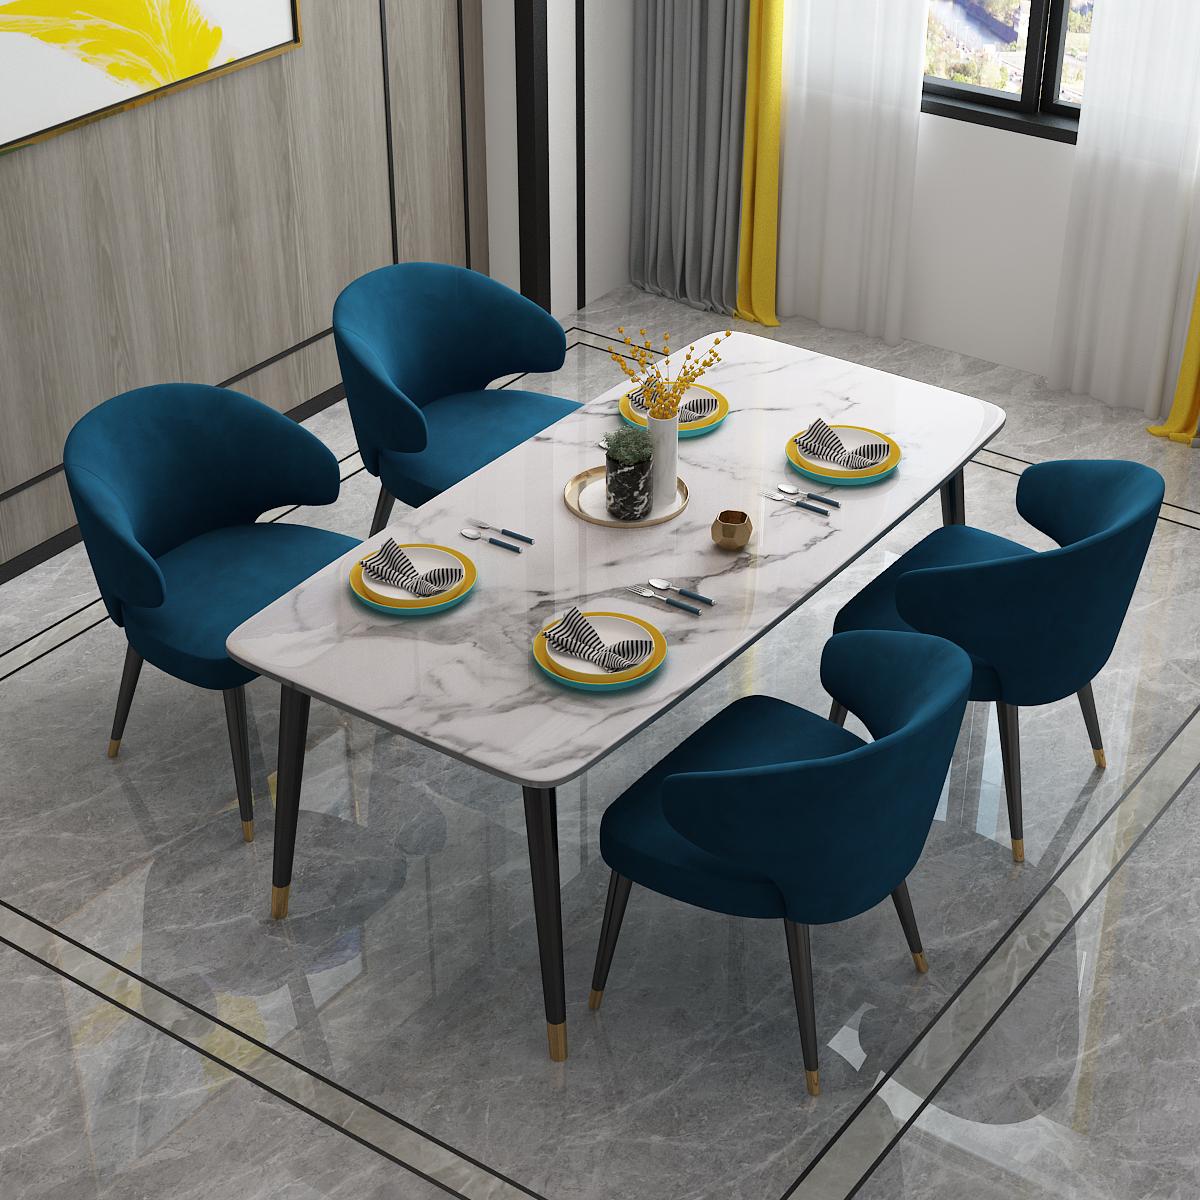 北欧の軽奢な大理石の食卓の家庭用の小さい戸型の食事のテーブルと椅子の組み合わせの近代的な簡単な岩板のレストランはテーブルを食べます。